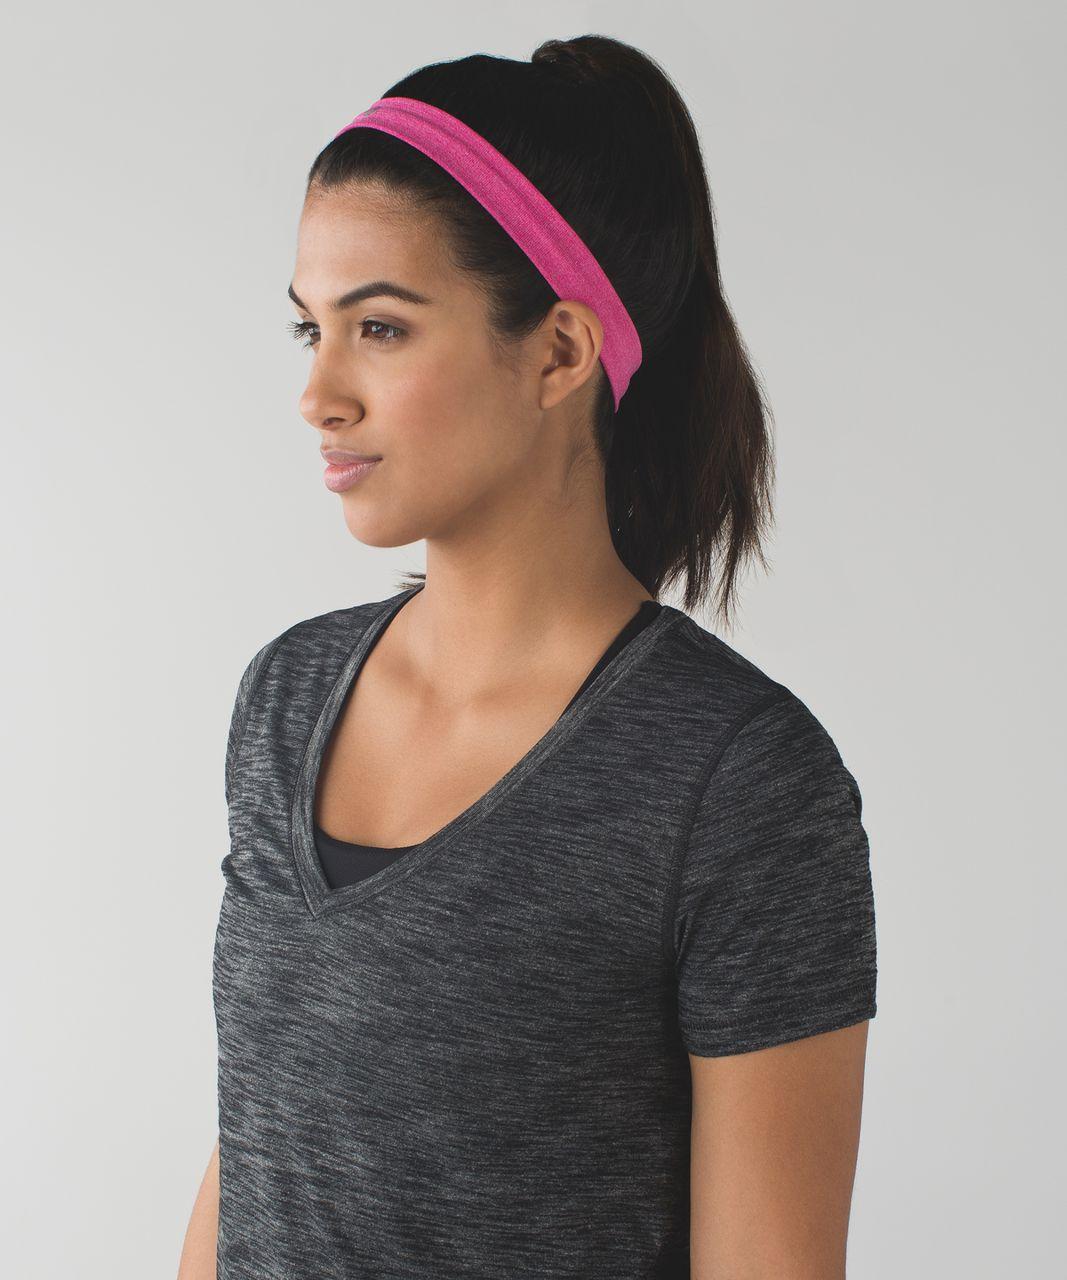 Lululemon Cardio Cross Trainer Headband - Heathered Jewelled Magenta